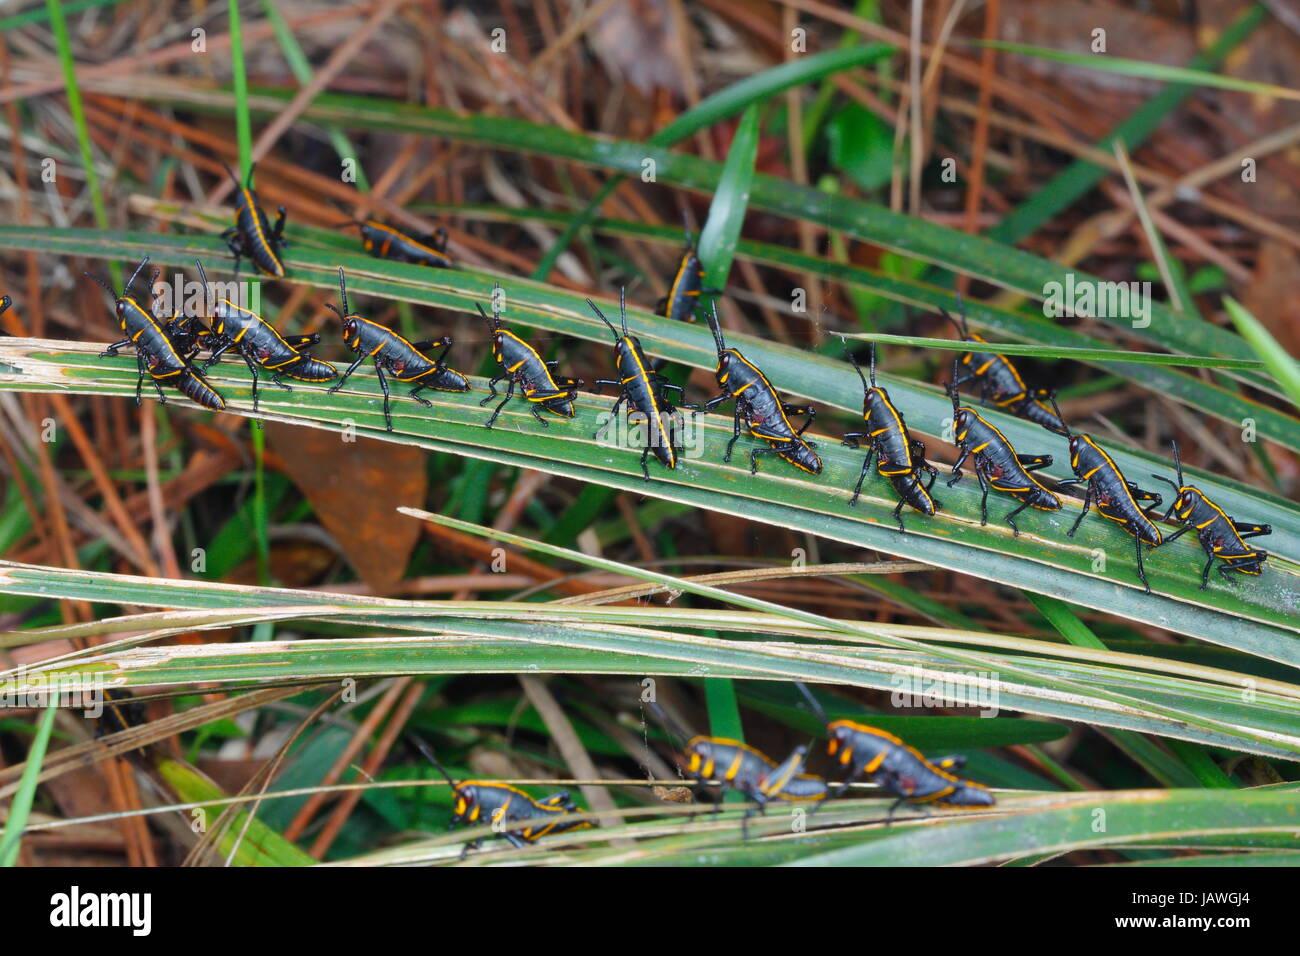 Lubbers estuvo ninfas, saltamontes Romalia guttata, emerge de la tierra en grandes grupos. Imagen De Stock